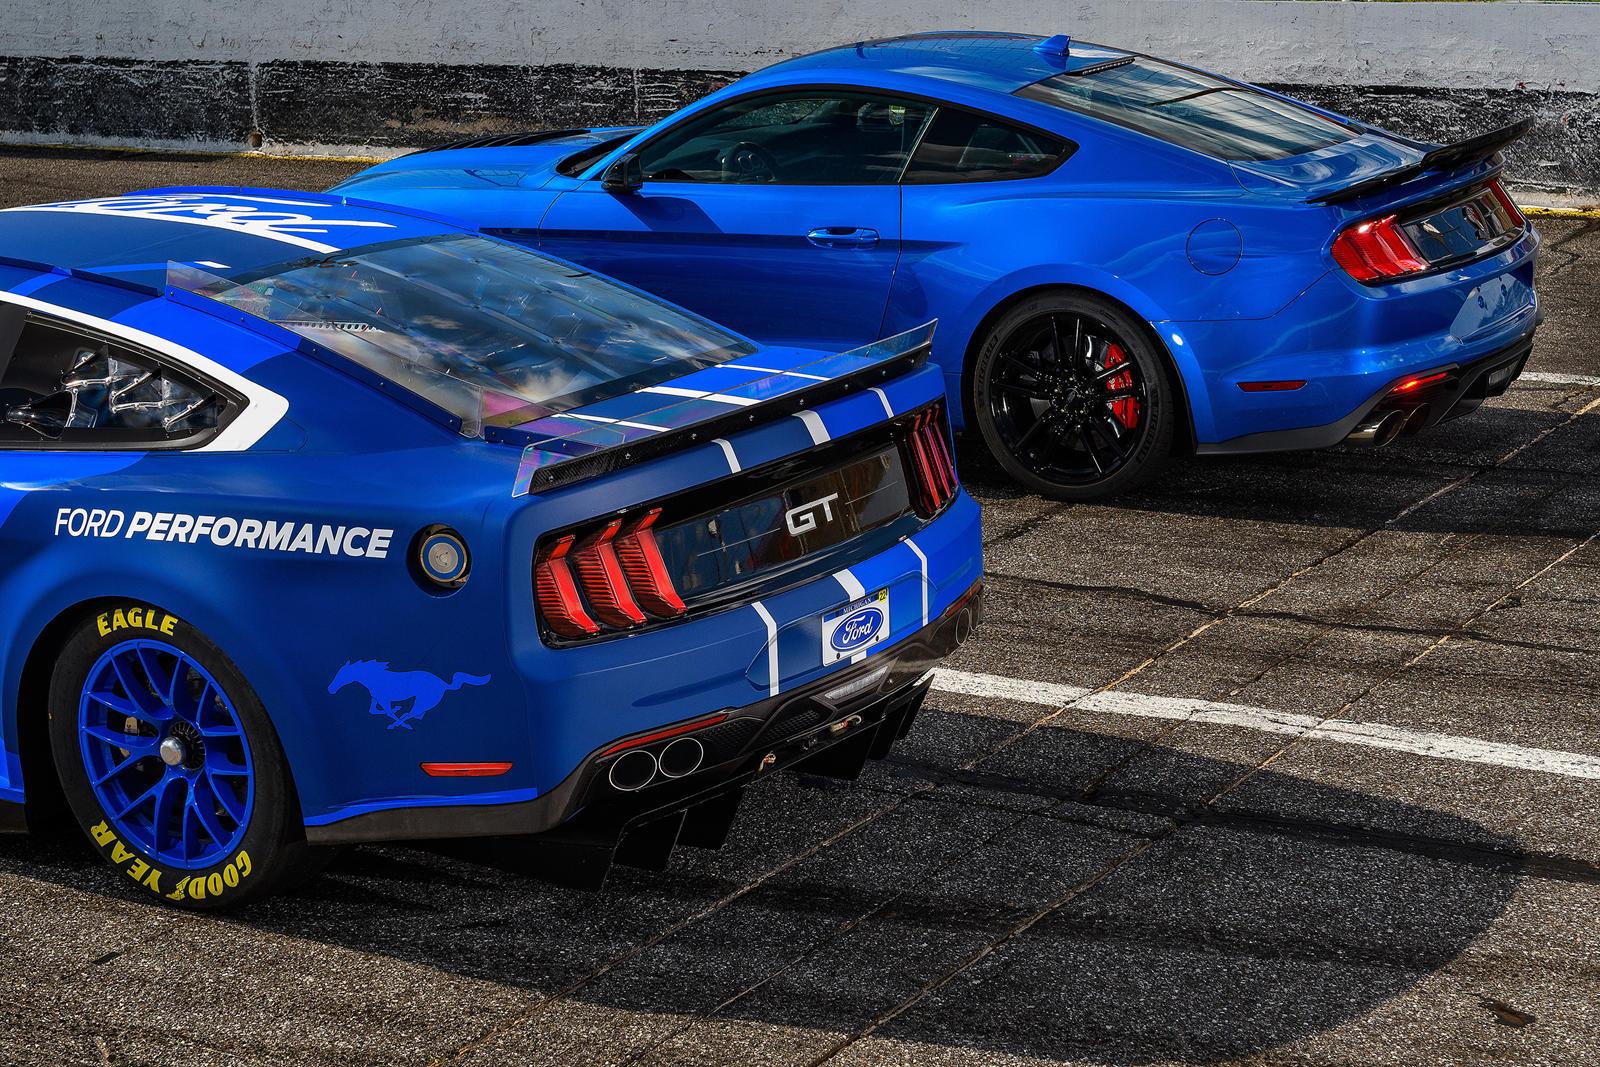 «За кулисами была проделана большая работа, чтобы этот Mustang следующего поколения оставался актуальным для наших клиентов», - сказал Марк Рашбрук, глобальный директор Ford Performance Motorsports. «Поскольку автомобильная промышленность продолжает